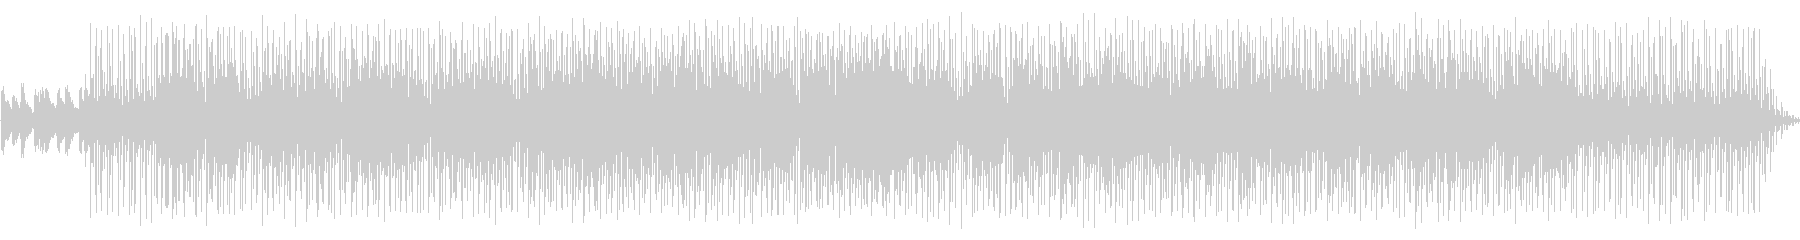 シンセサイザーによるジャズファンクの未再生の波形